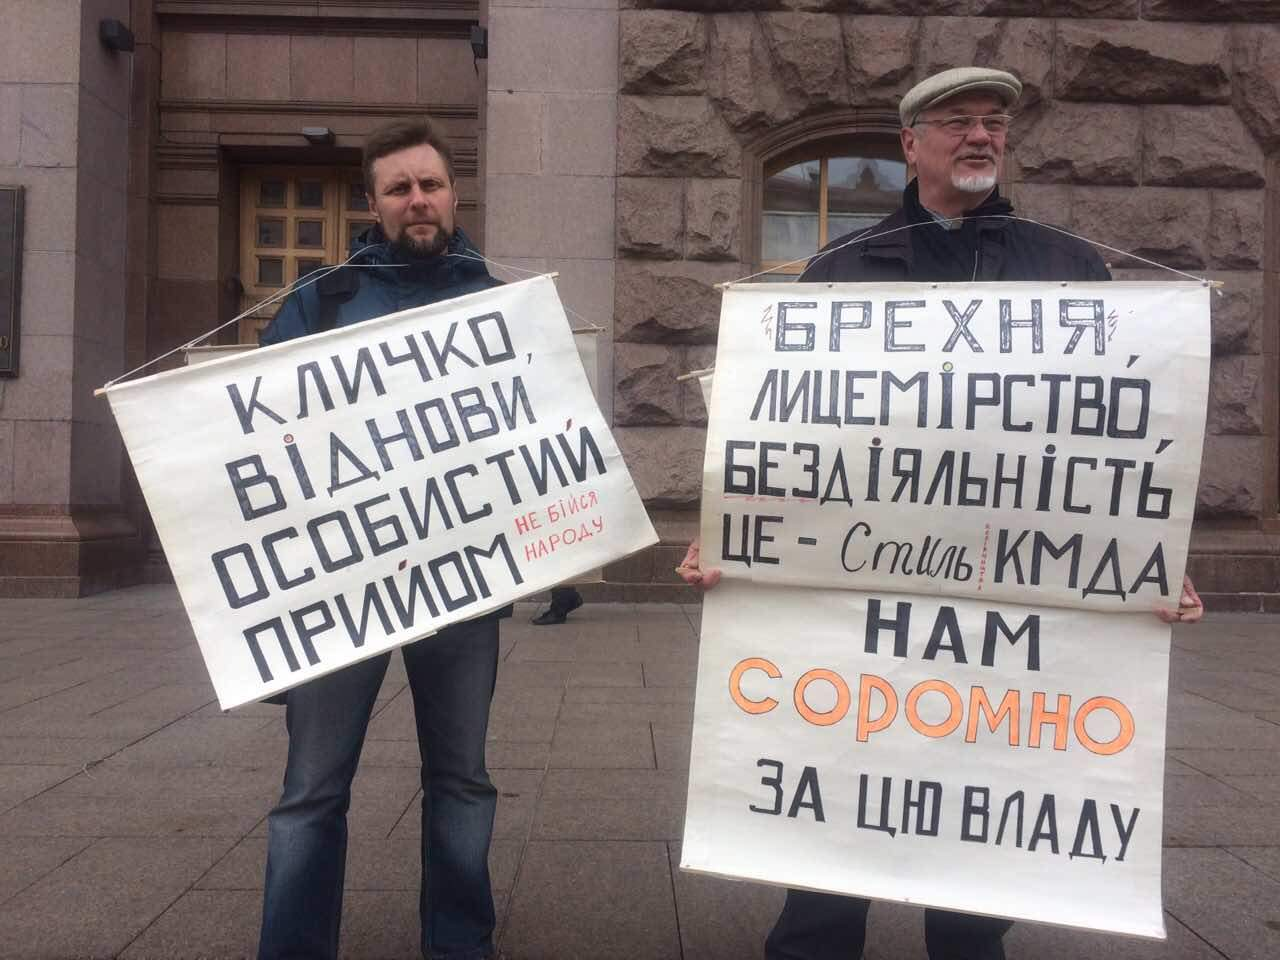 В Киеве под администрацией проходит пикет переселенцев. Активисты требуют диалога с Кличко (видео)